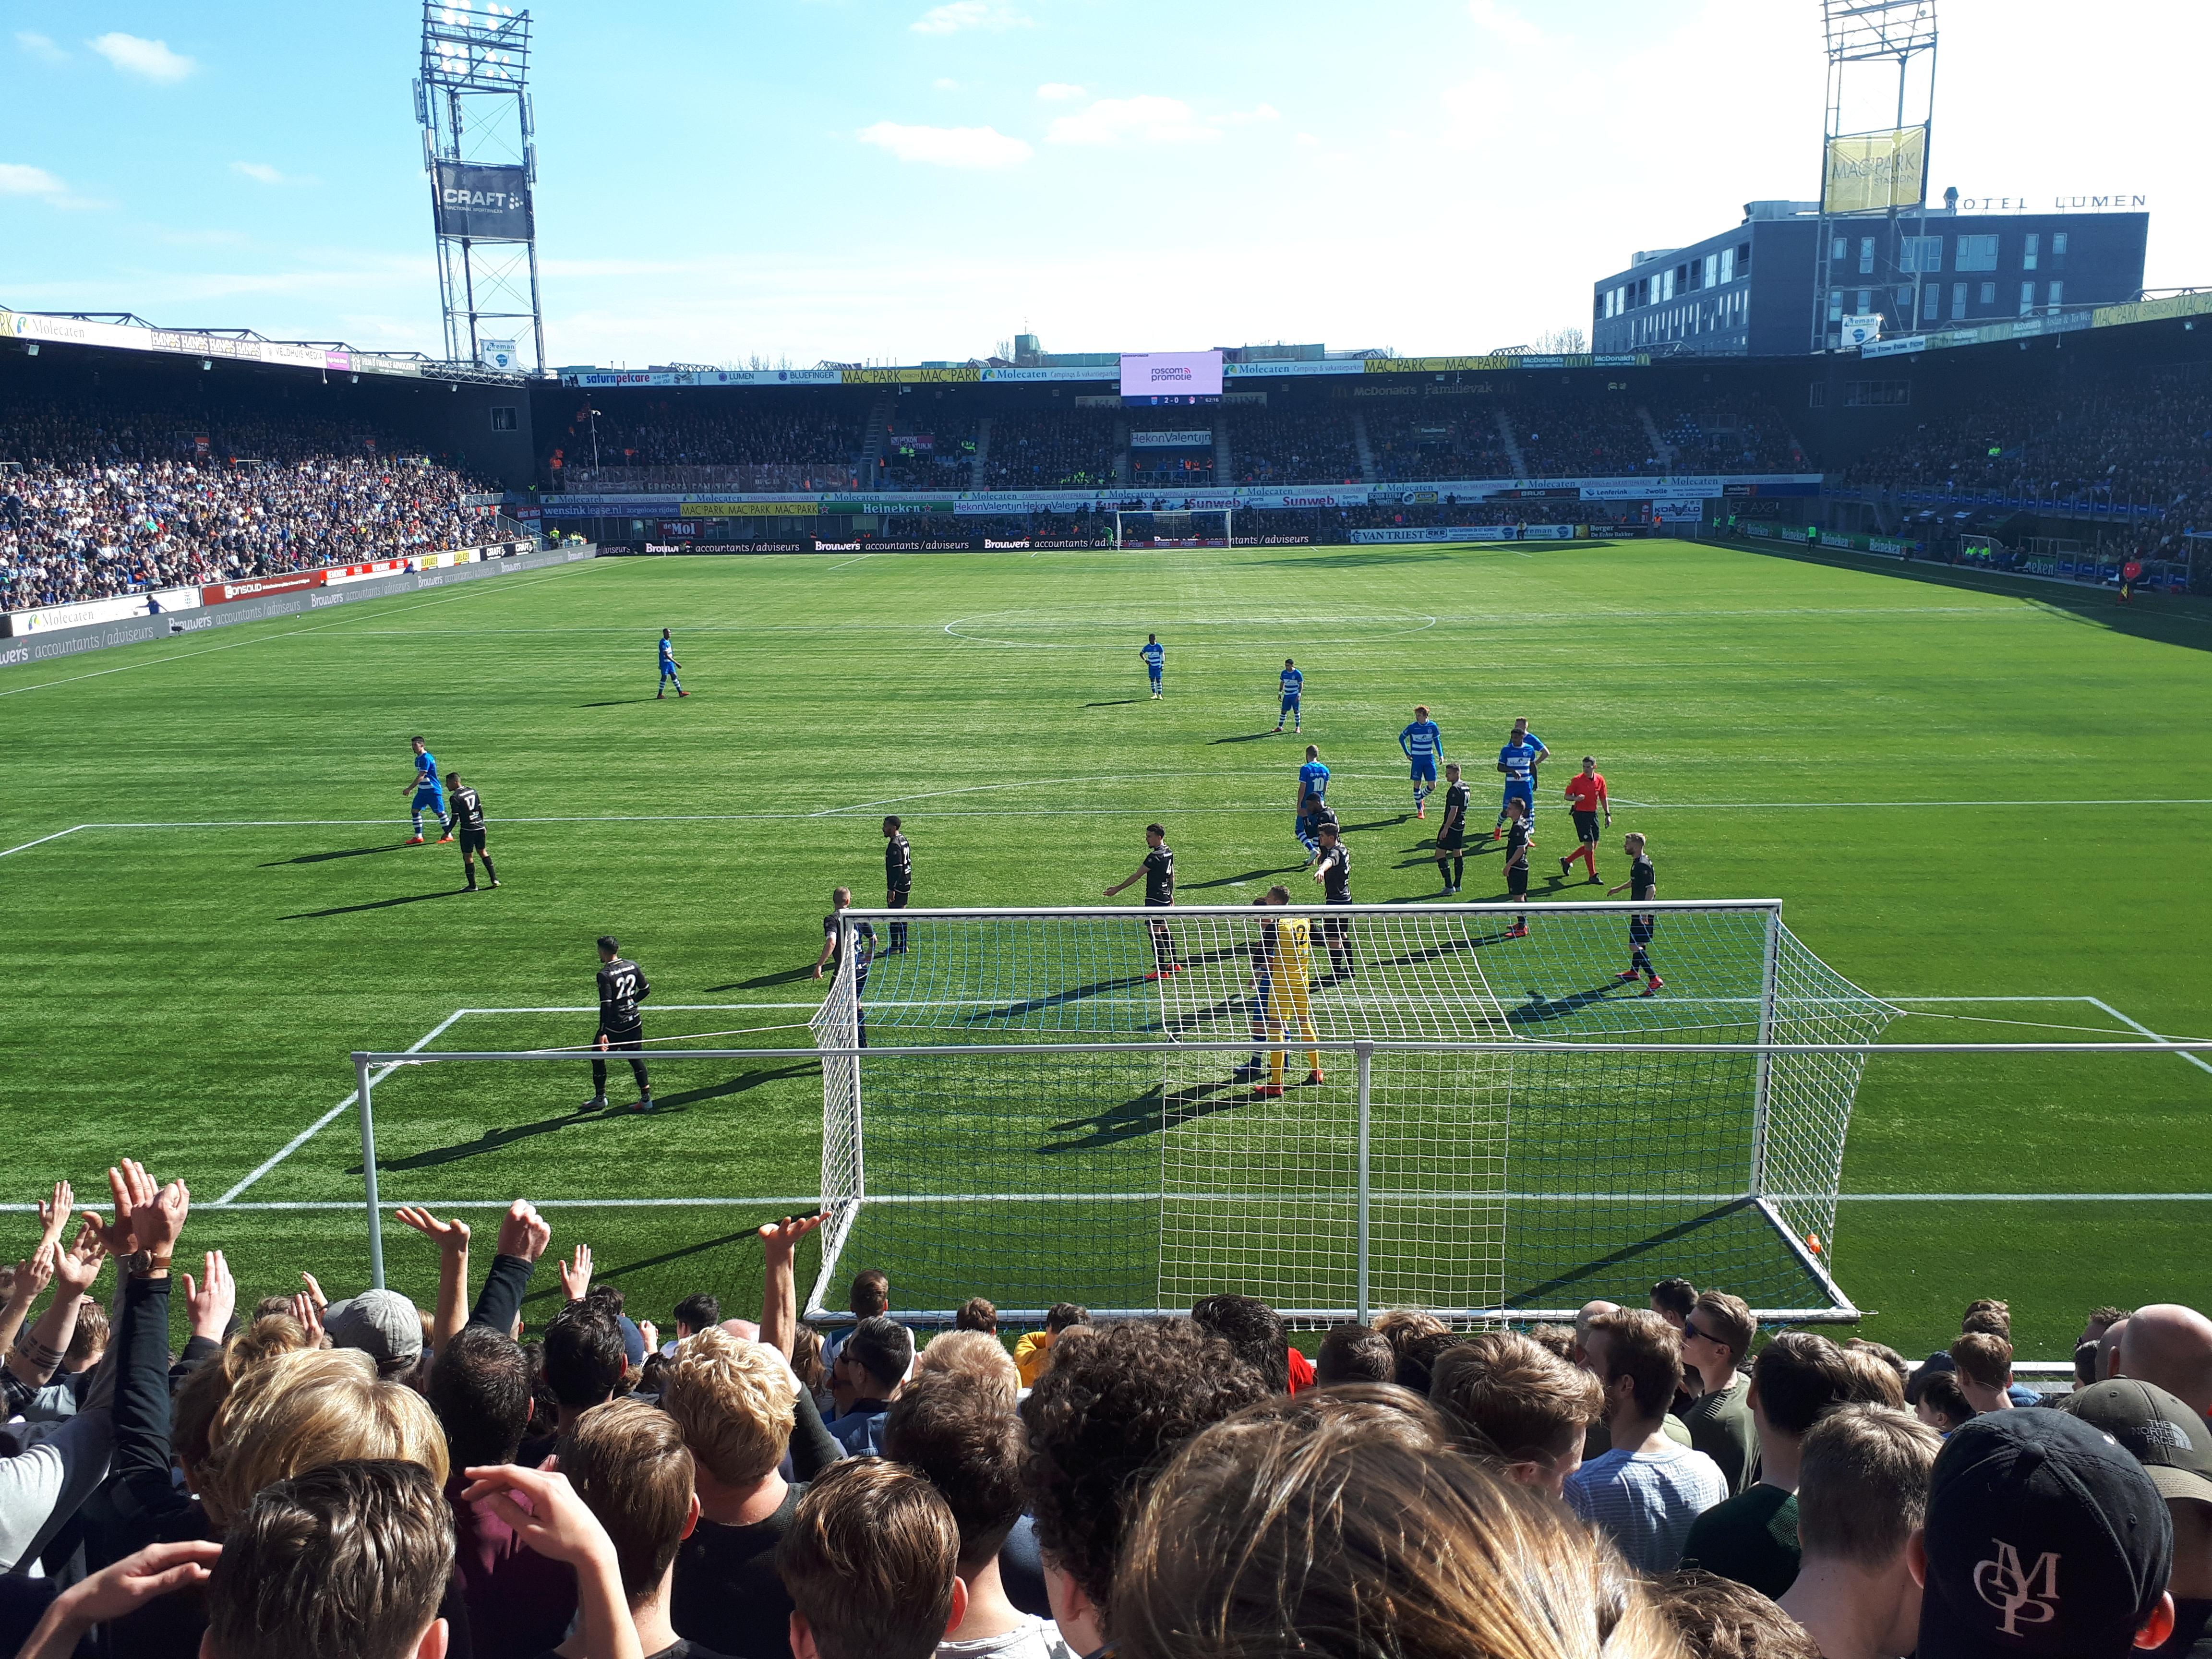 File Pec Zwolle Fc Emmen 31 3 2019 Jpg Wikimedia Commons